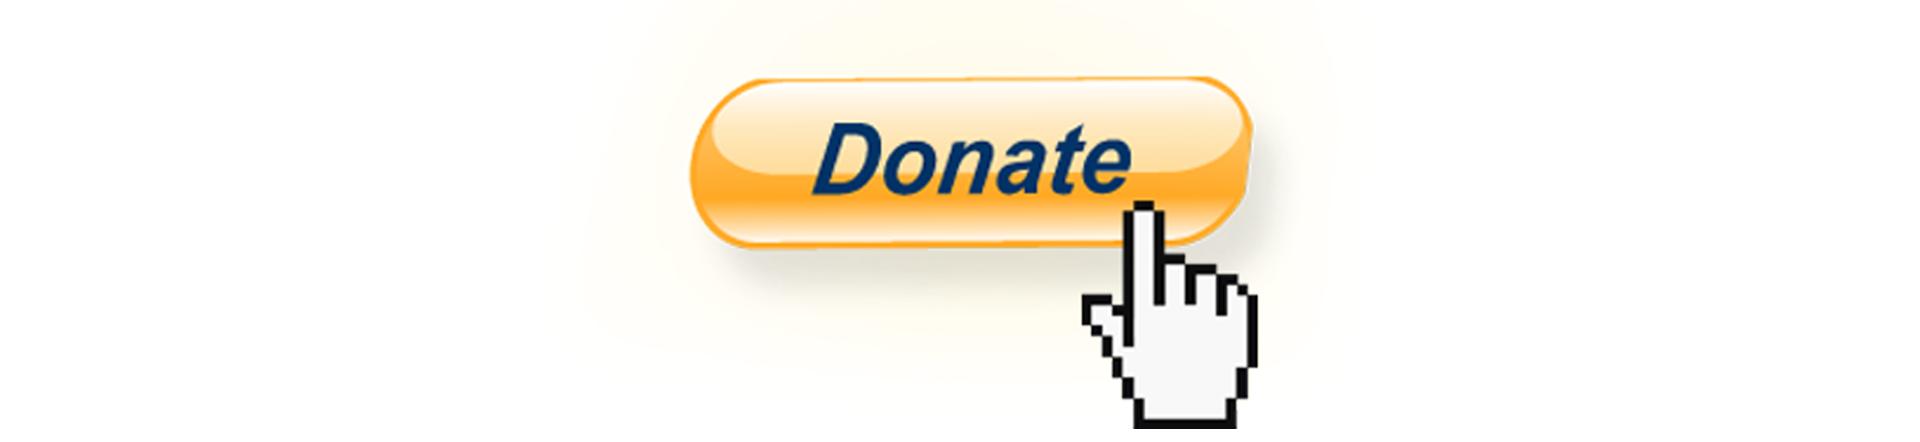 Vous pouvez désormais faire un don à Hoax Radio via Paypal